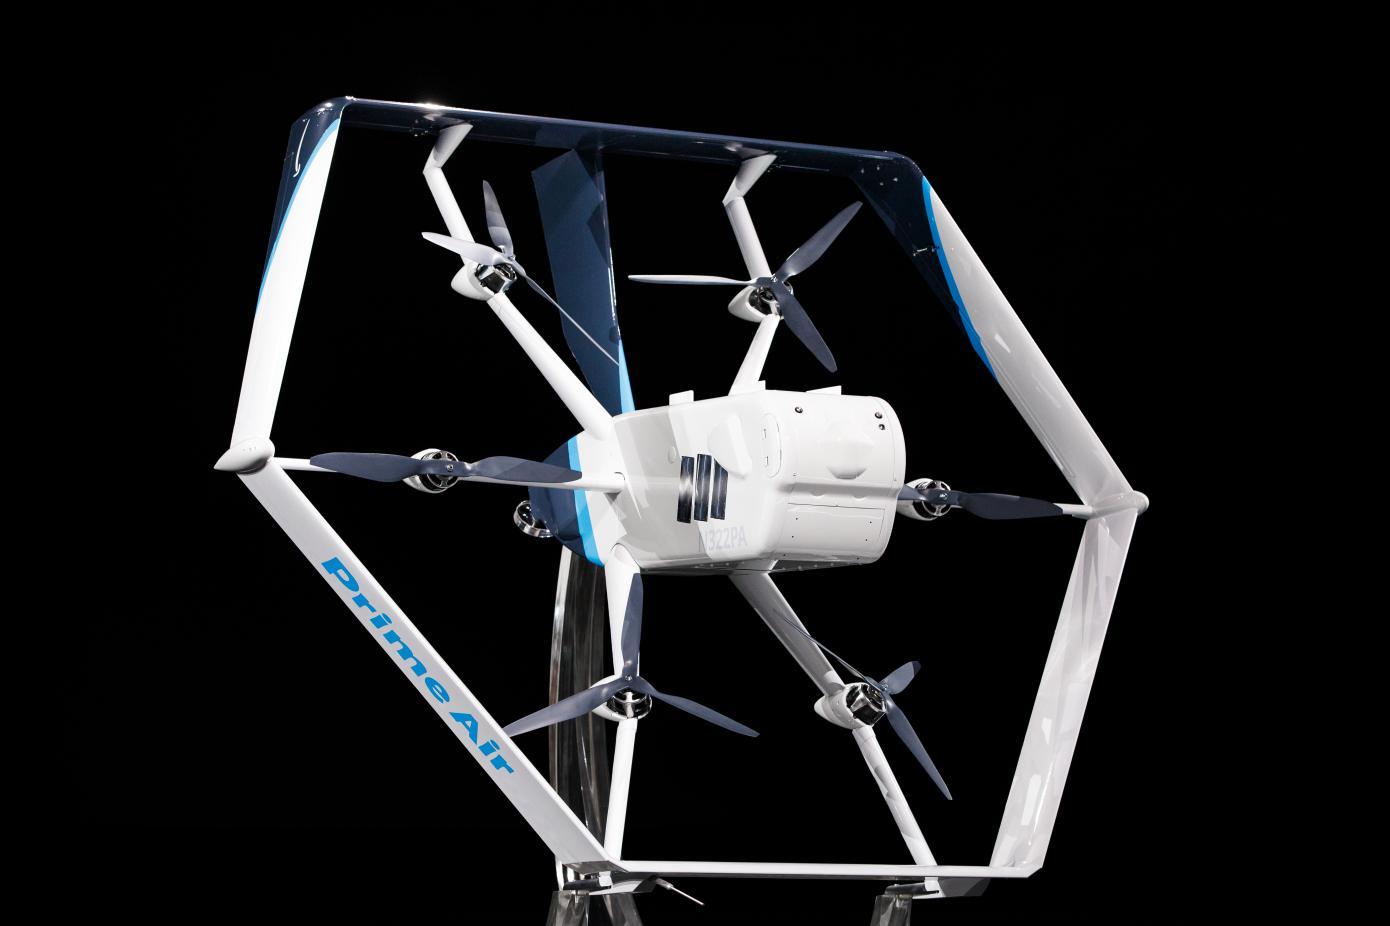 亚马逊无人机递送服务获得FAA批准30分钟内送货上门